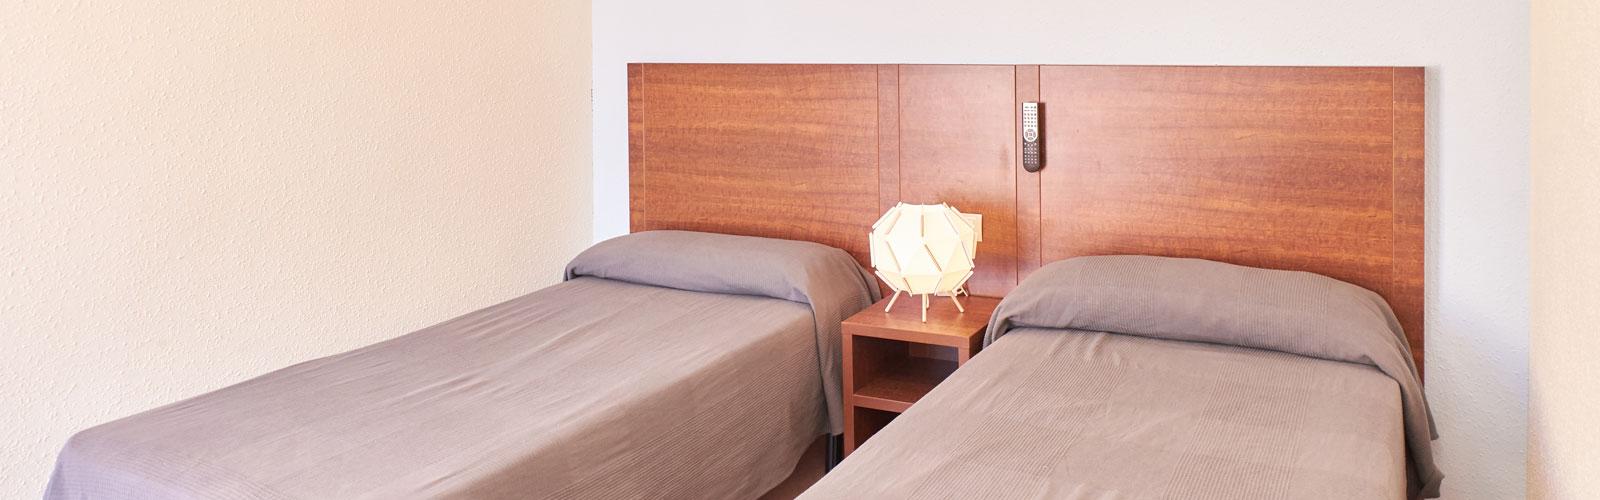 Hotel Checkin Caribe Youth Hotel *** | Lloret de Mar - Costa Brava | Web Oficial